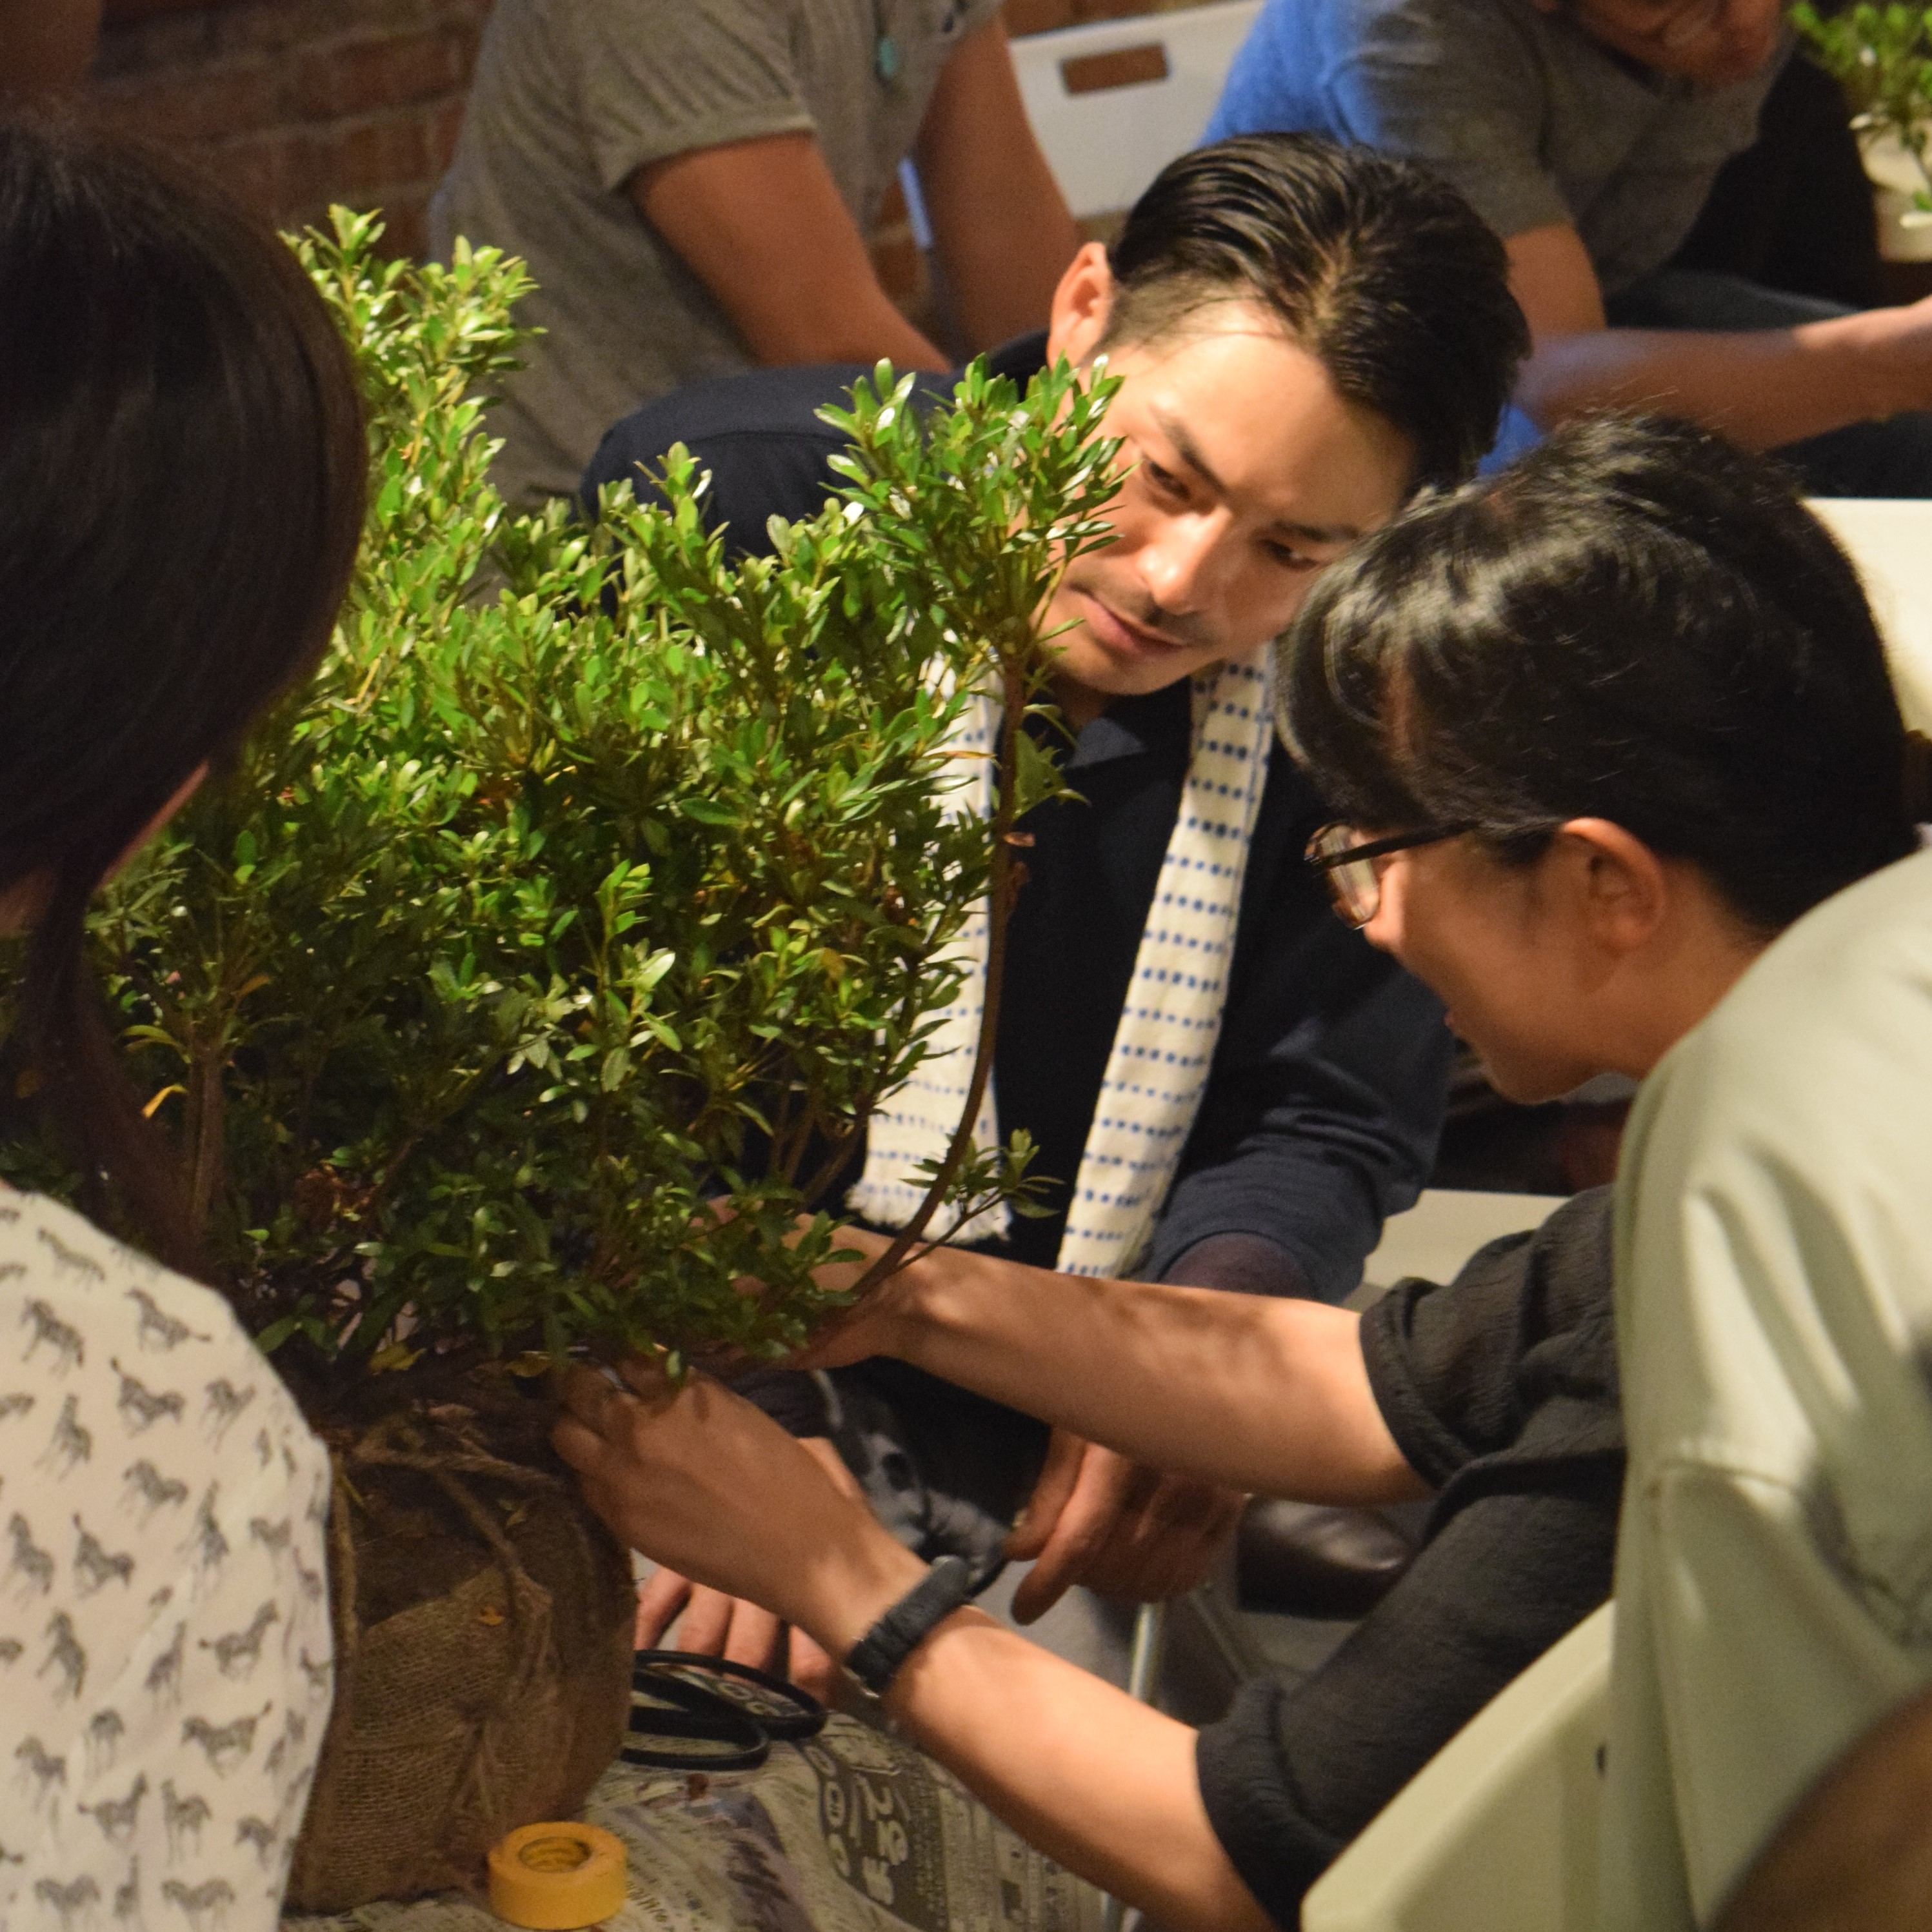 庭師と学ぶ フォスタリング・スタディーズ Ⅲ 第6回(最終回) モミ、クマザサ、シホウチク